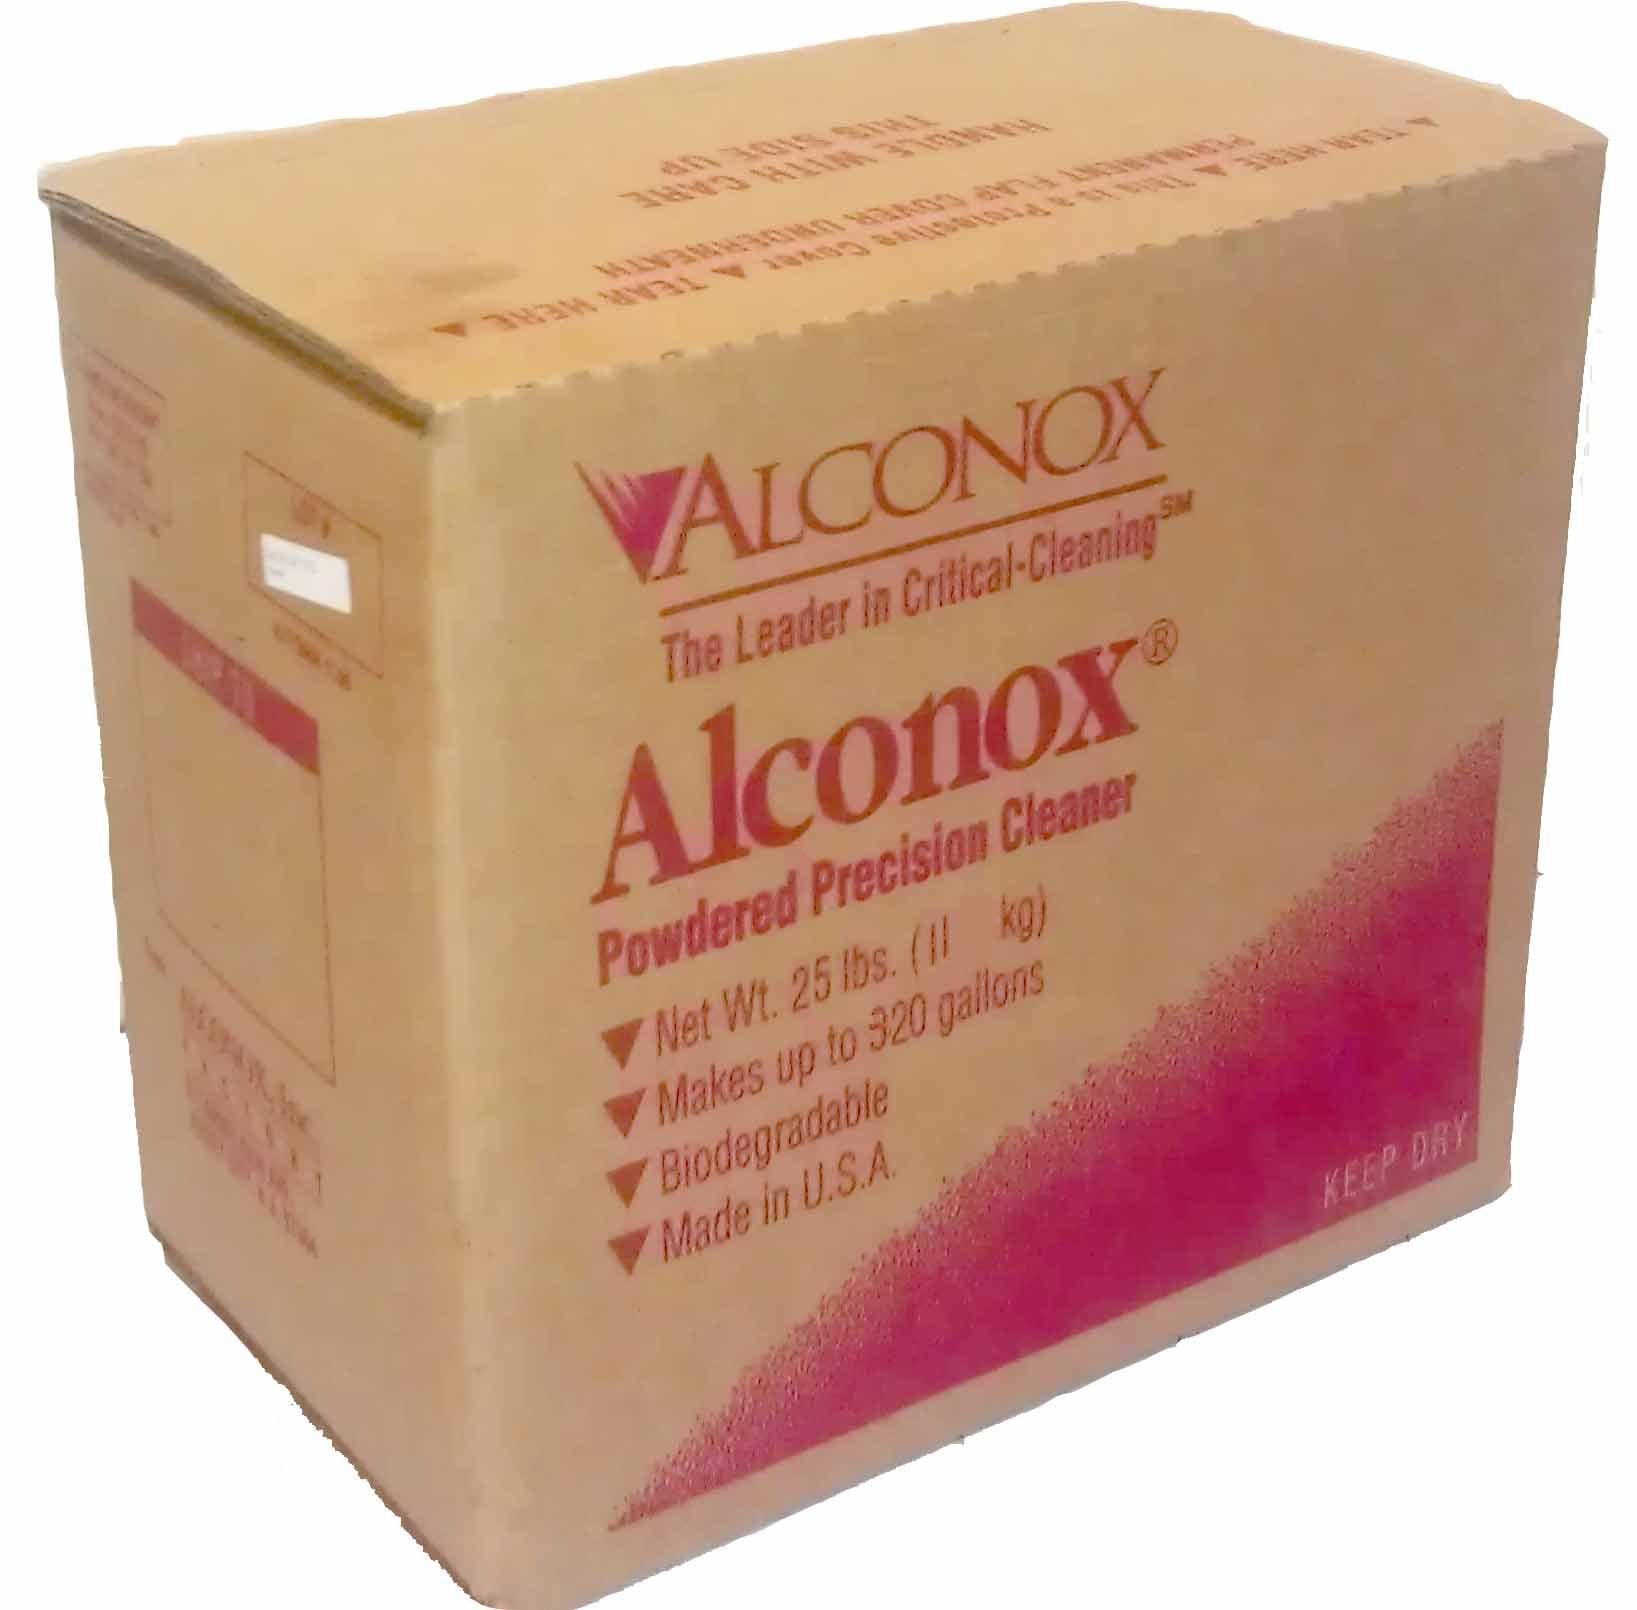 Alconox 1125 Powdered Precision Cleaner, 25lbs Box